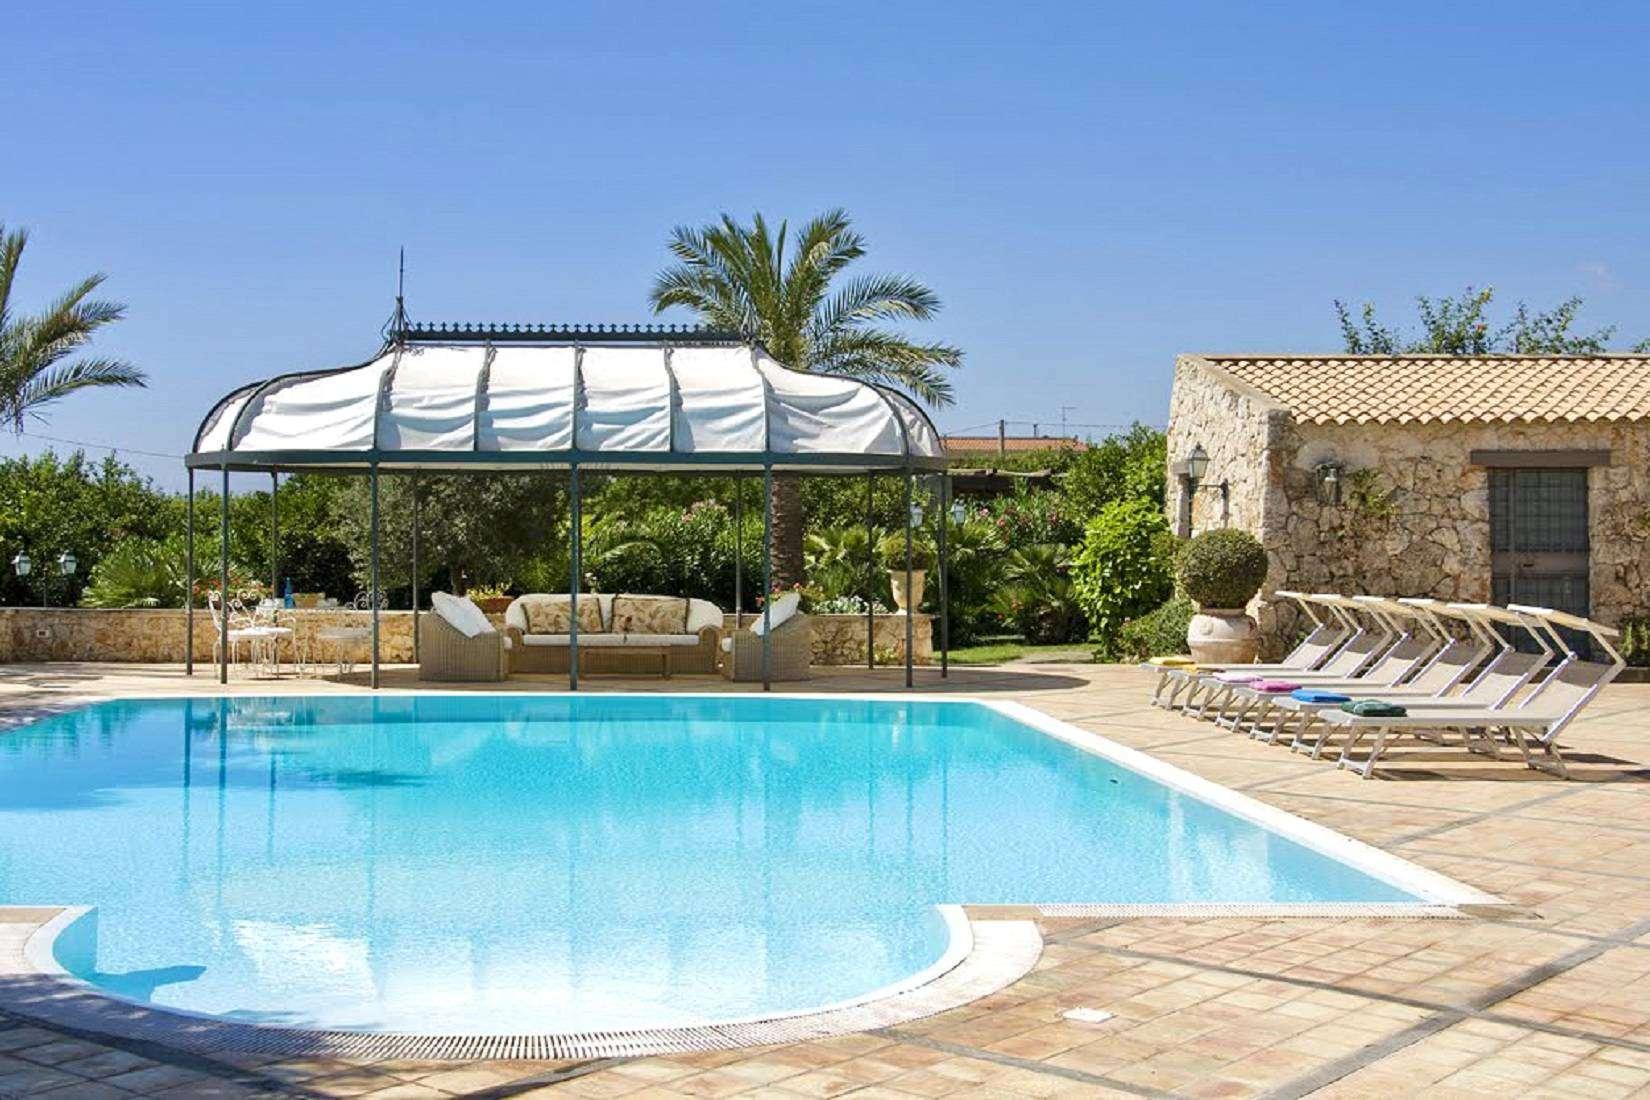 4 Lucia pool